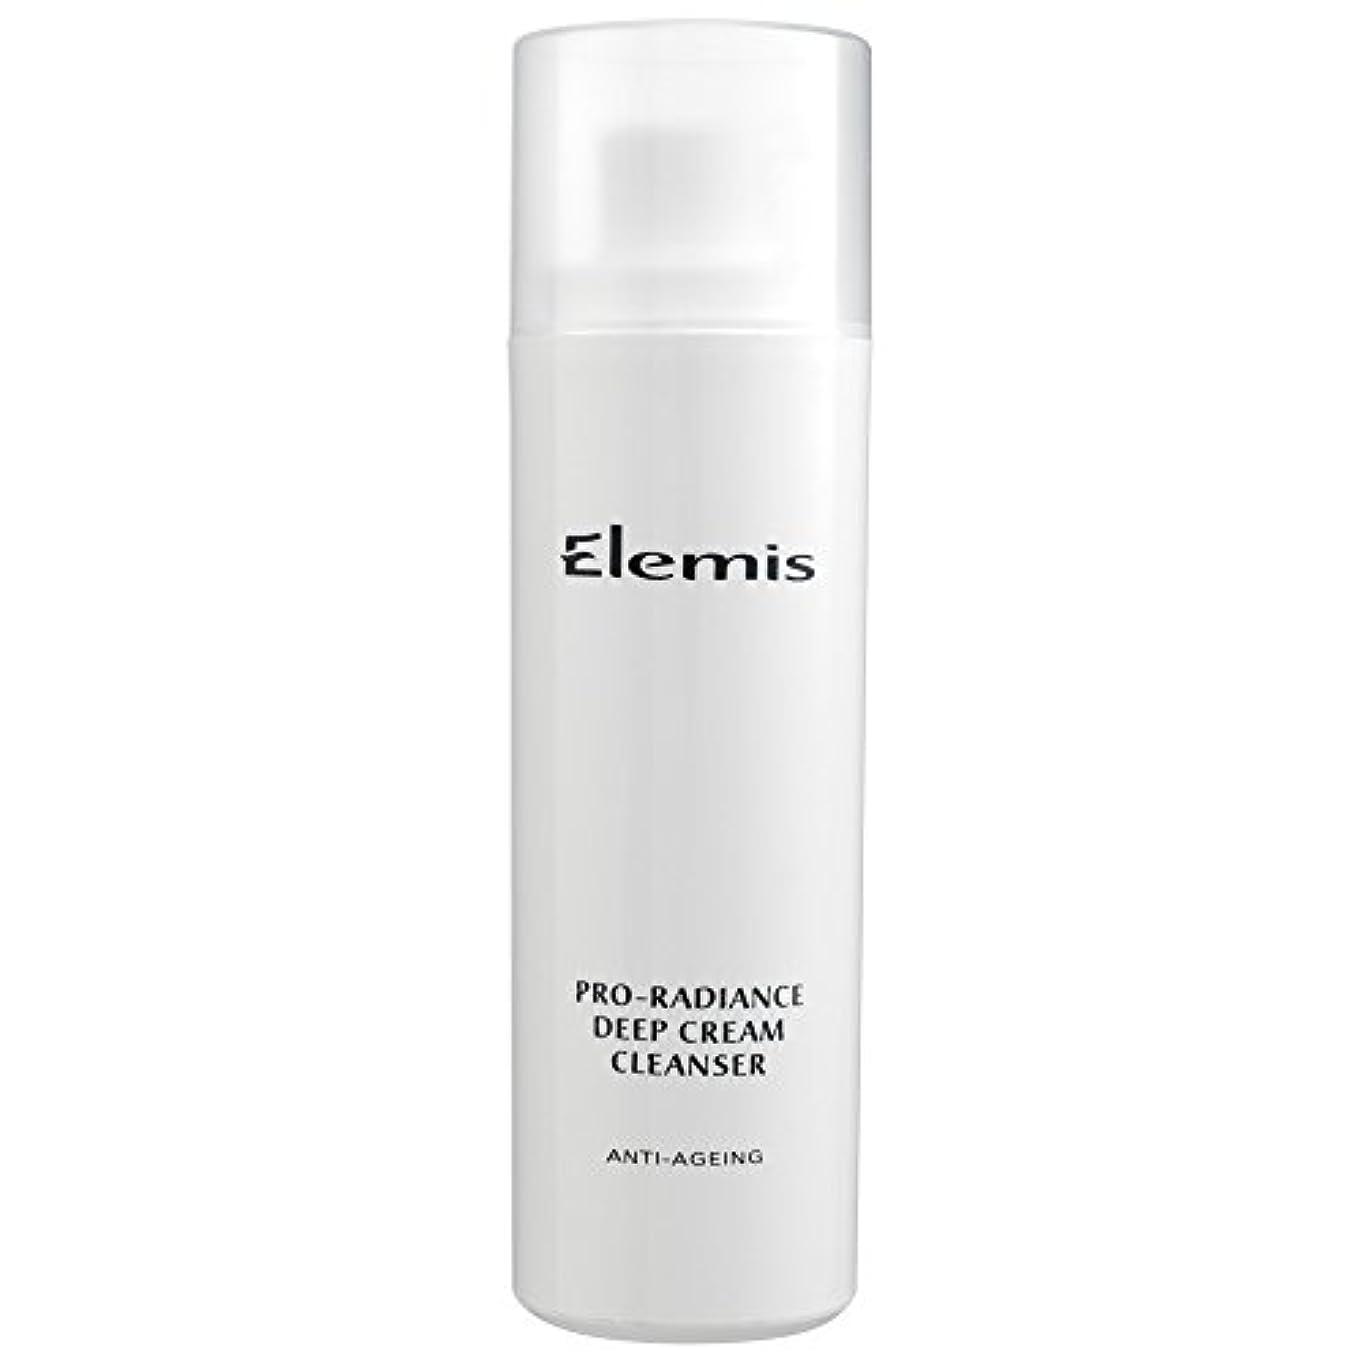 グリーンランド石油ミュウミュウエレミスプロ輝きクリームクレンザー、150ミリリットル (Elemis) (x2) - Elemis Pro-Radiance Cream Cleanser, 150ml (Pack of 2) [並行輸入品]